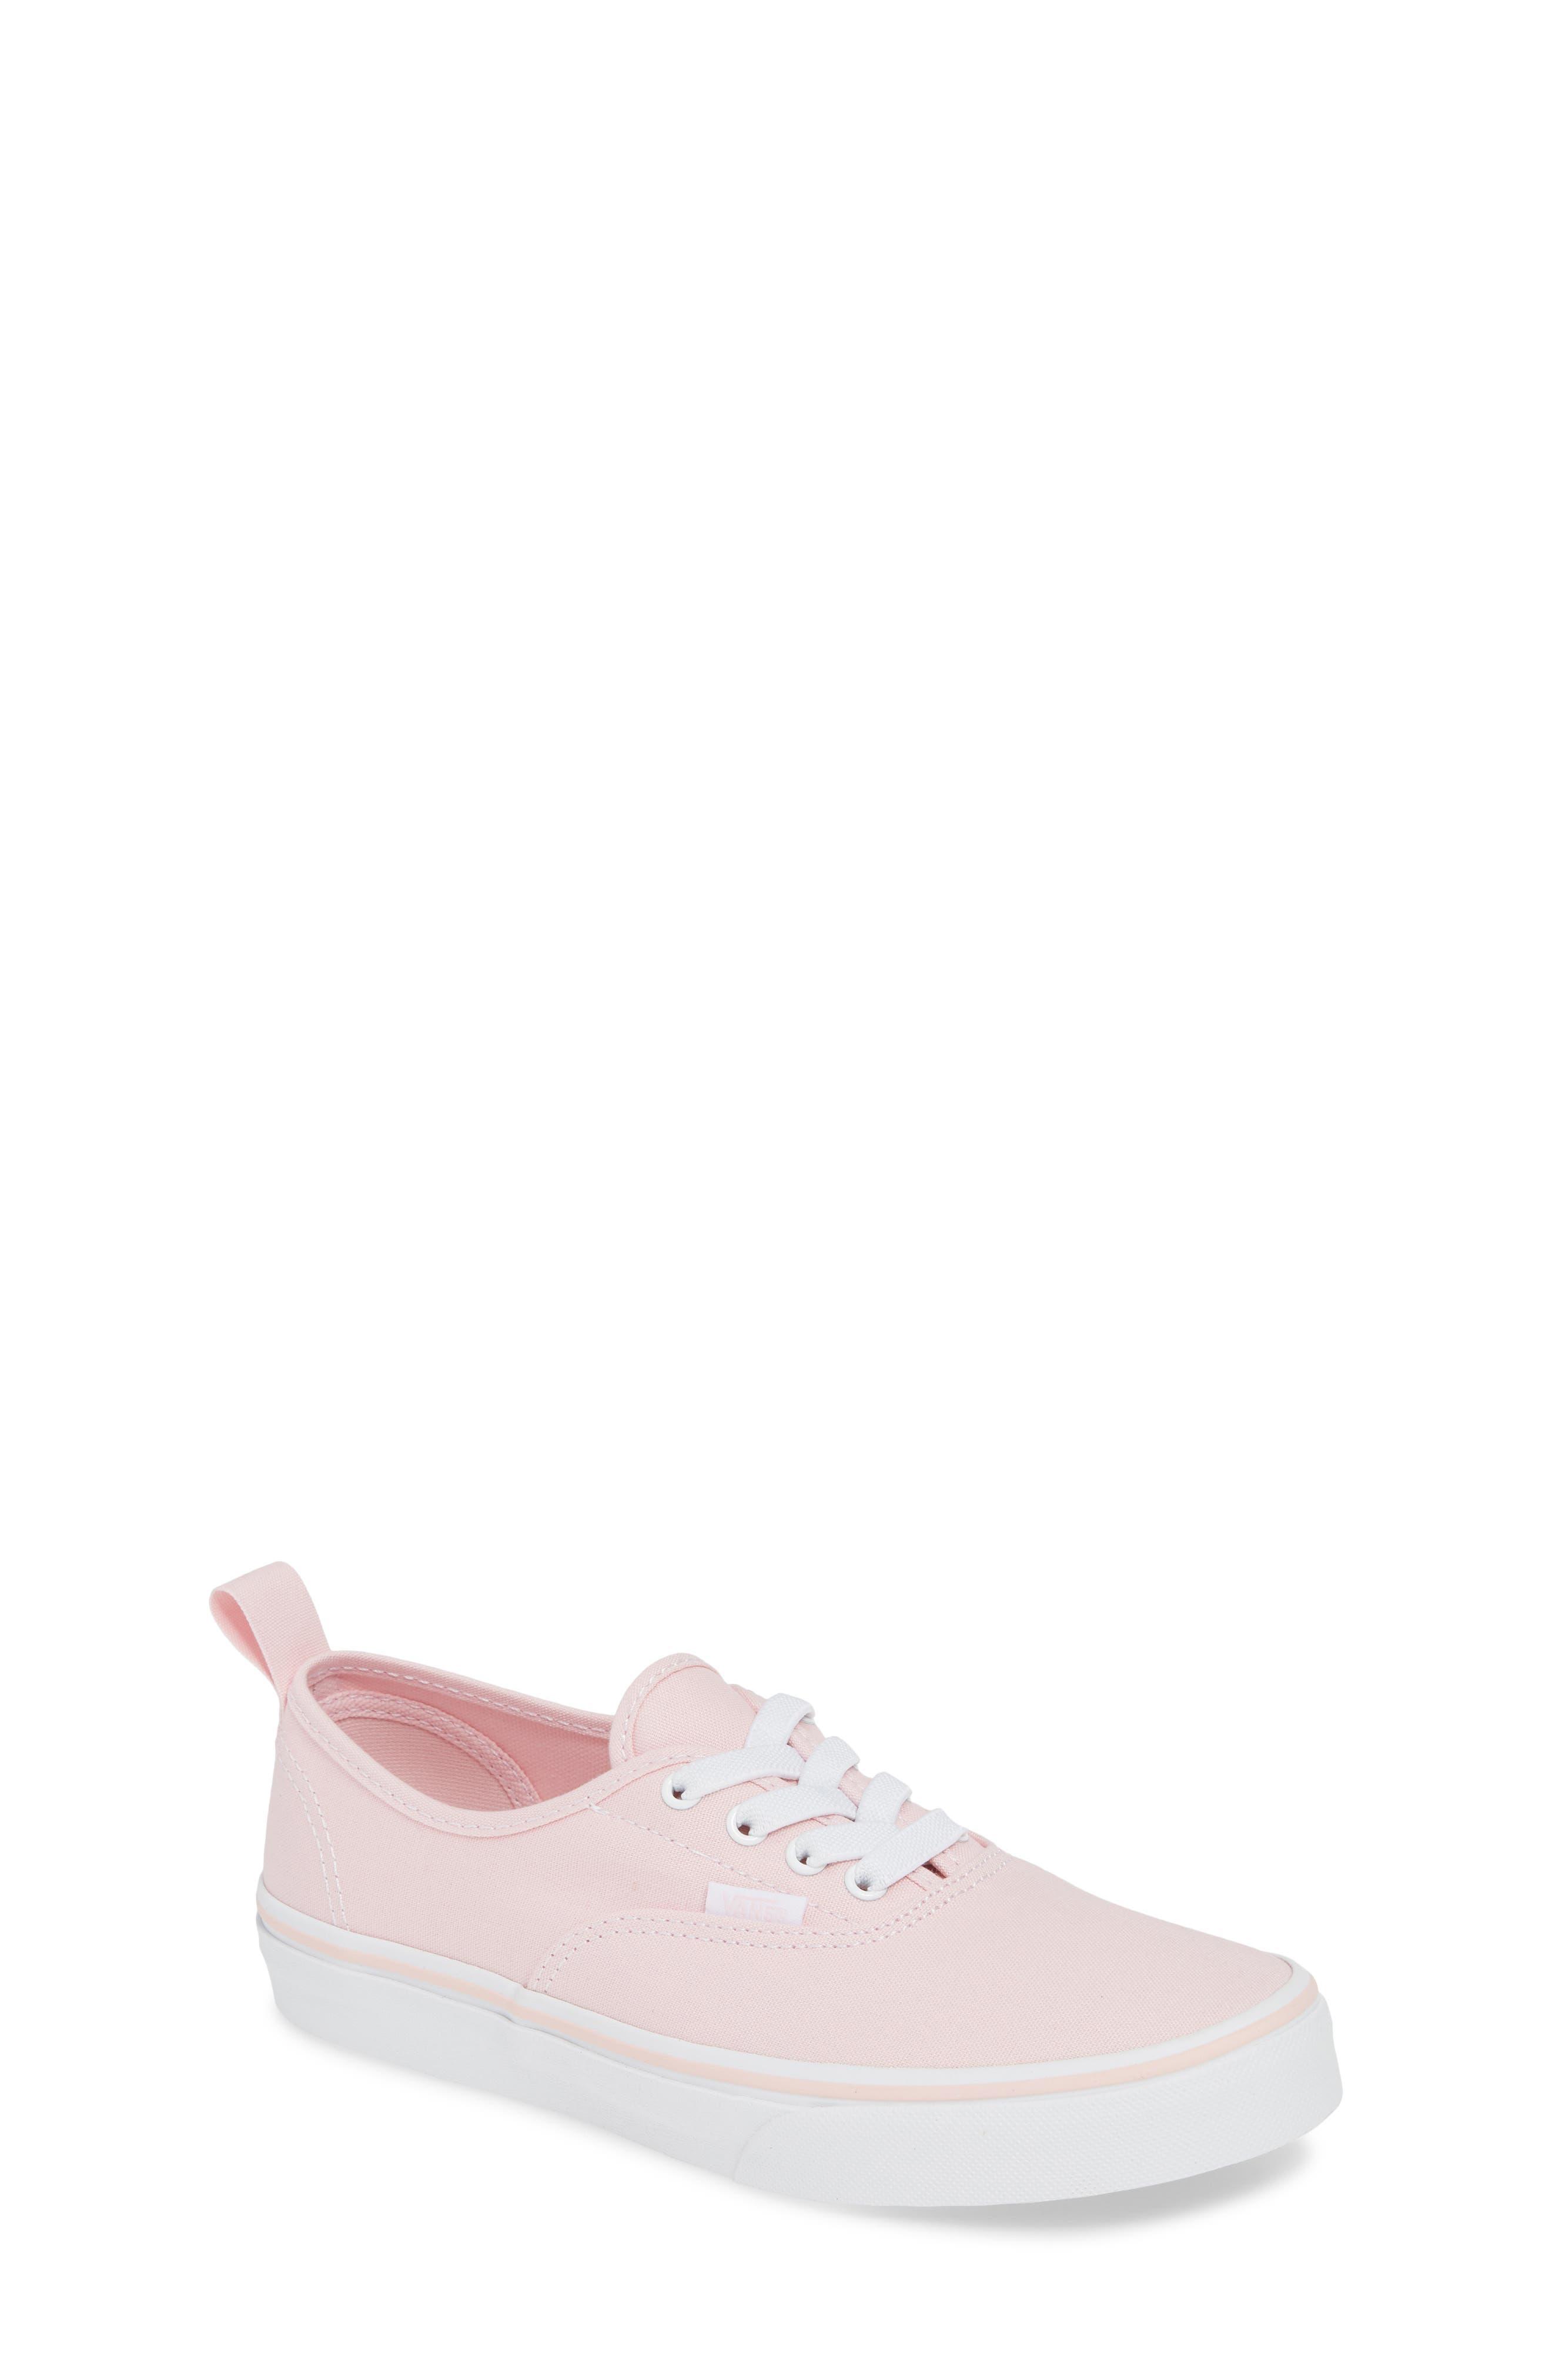 VANS, Authentic Elastic Lace Sneaker, Main thumbnail 1, color, CHALK PINK/ TRUE WHITE